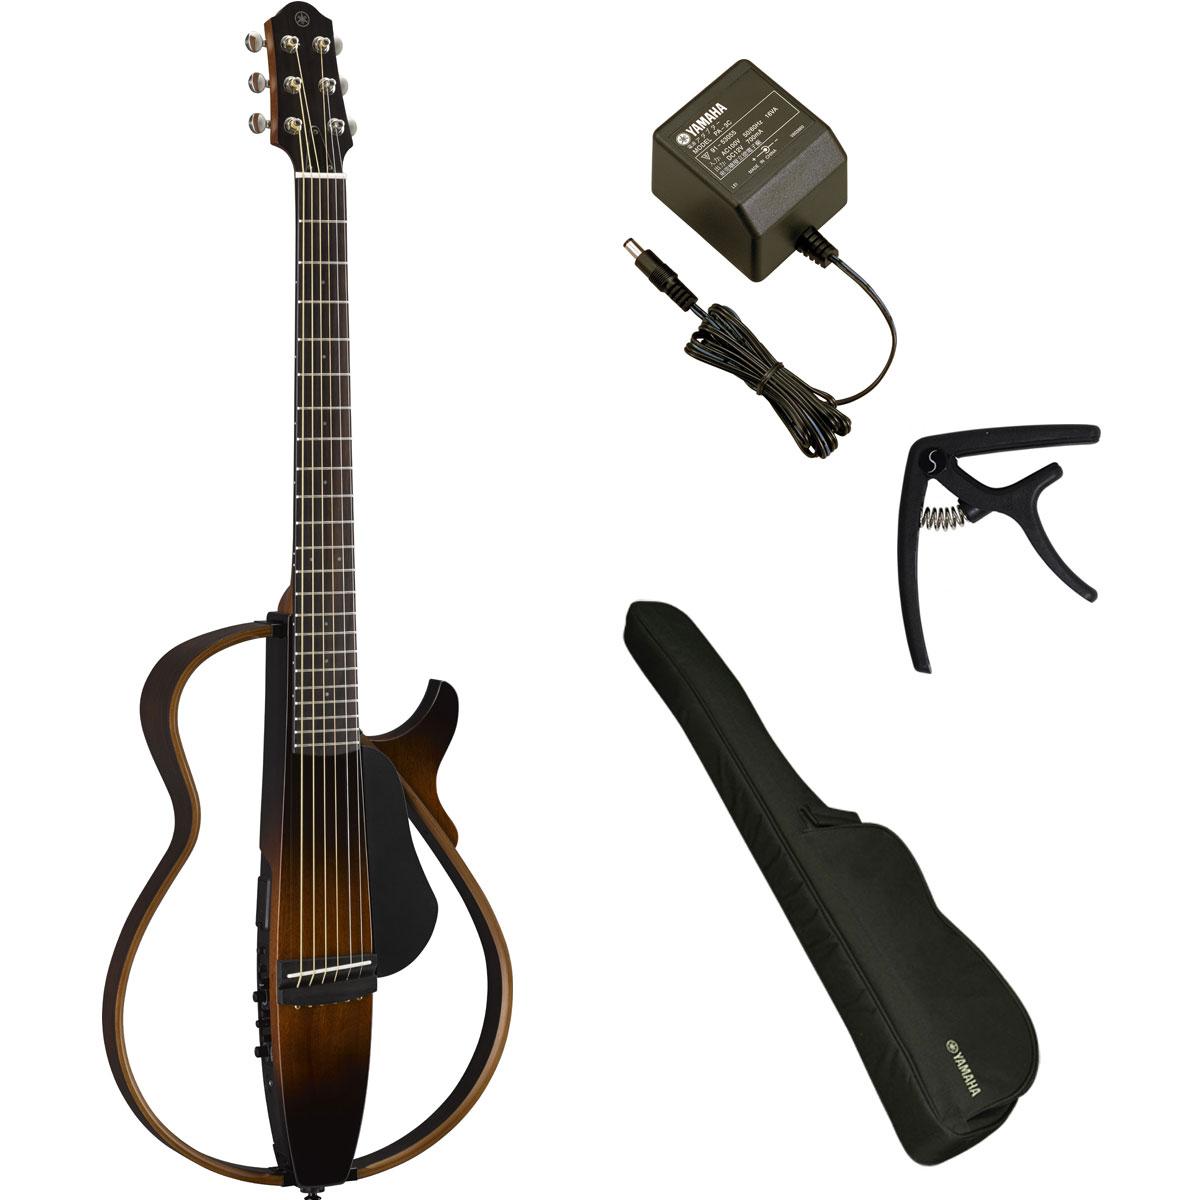 YAMAHA / SLG200S TBS (タバコブラウンサンバースト) 【ACアダプター&カポつき7点セット】 ヤマハ サイレントギター アコースティックギター スチール弦仕様 SLG-200S【YRK】